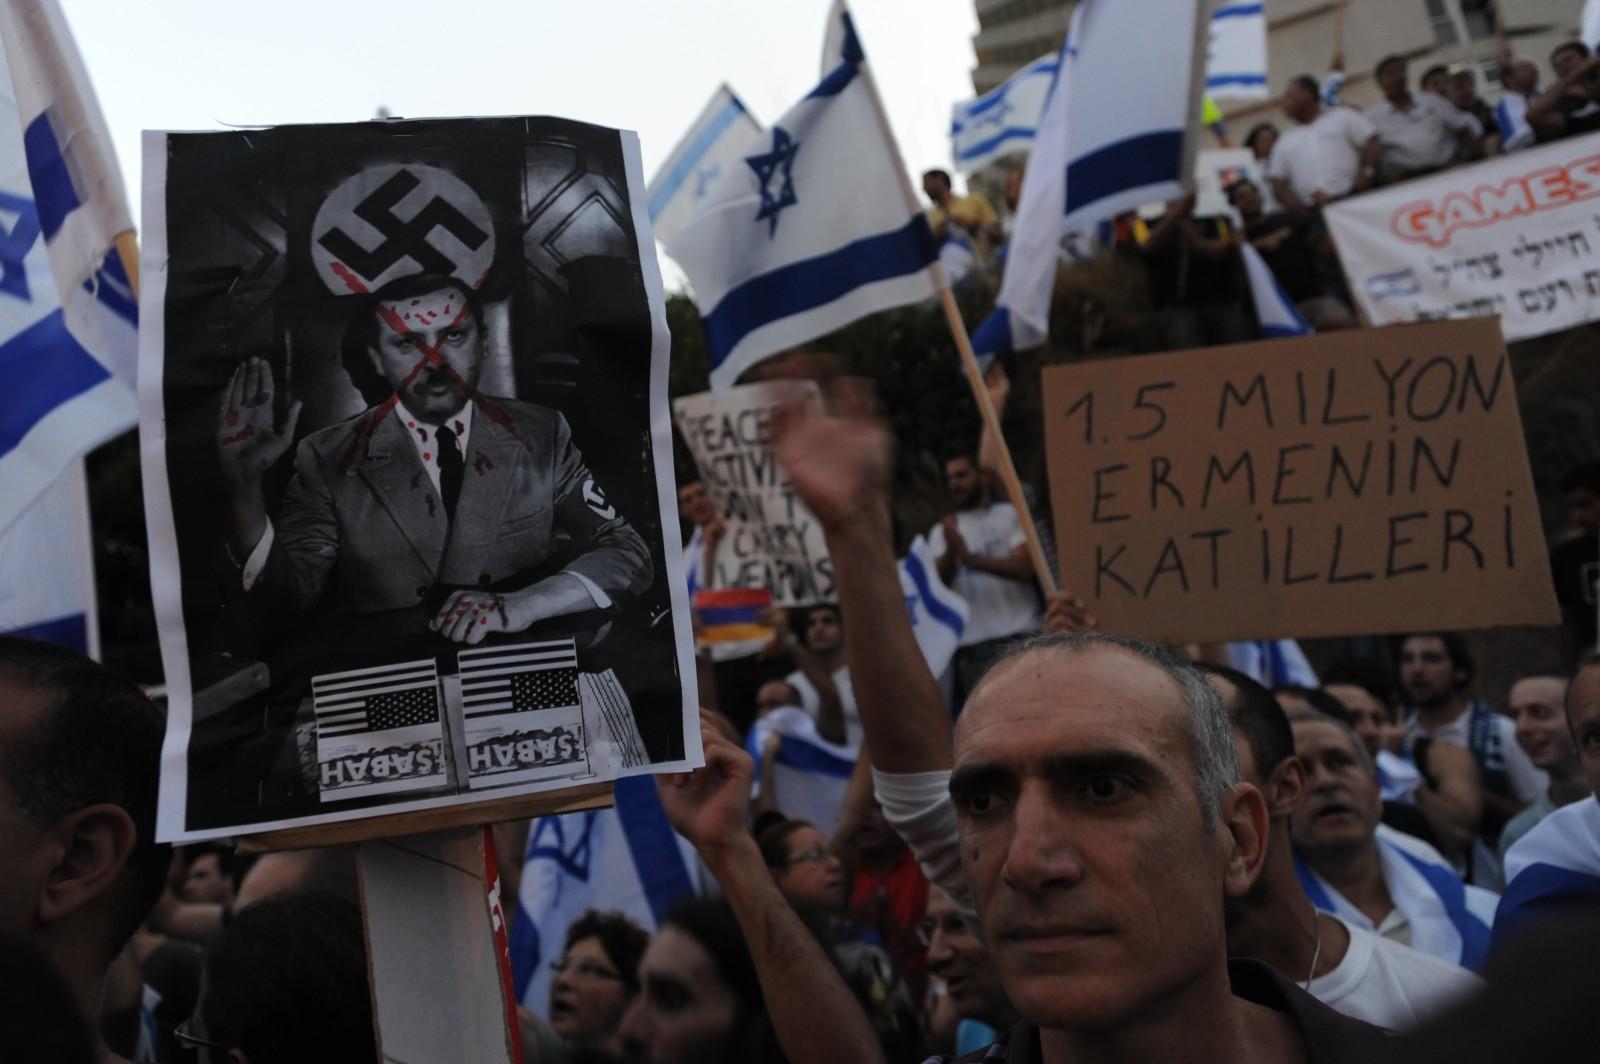 הפגנה אנטי-טורקית, 3.6.10 (צילום: גילי יערי)